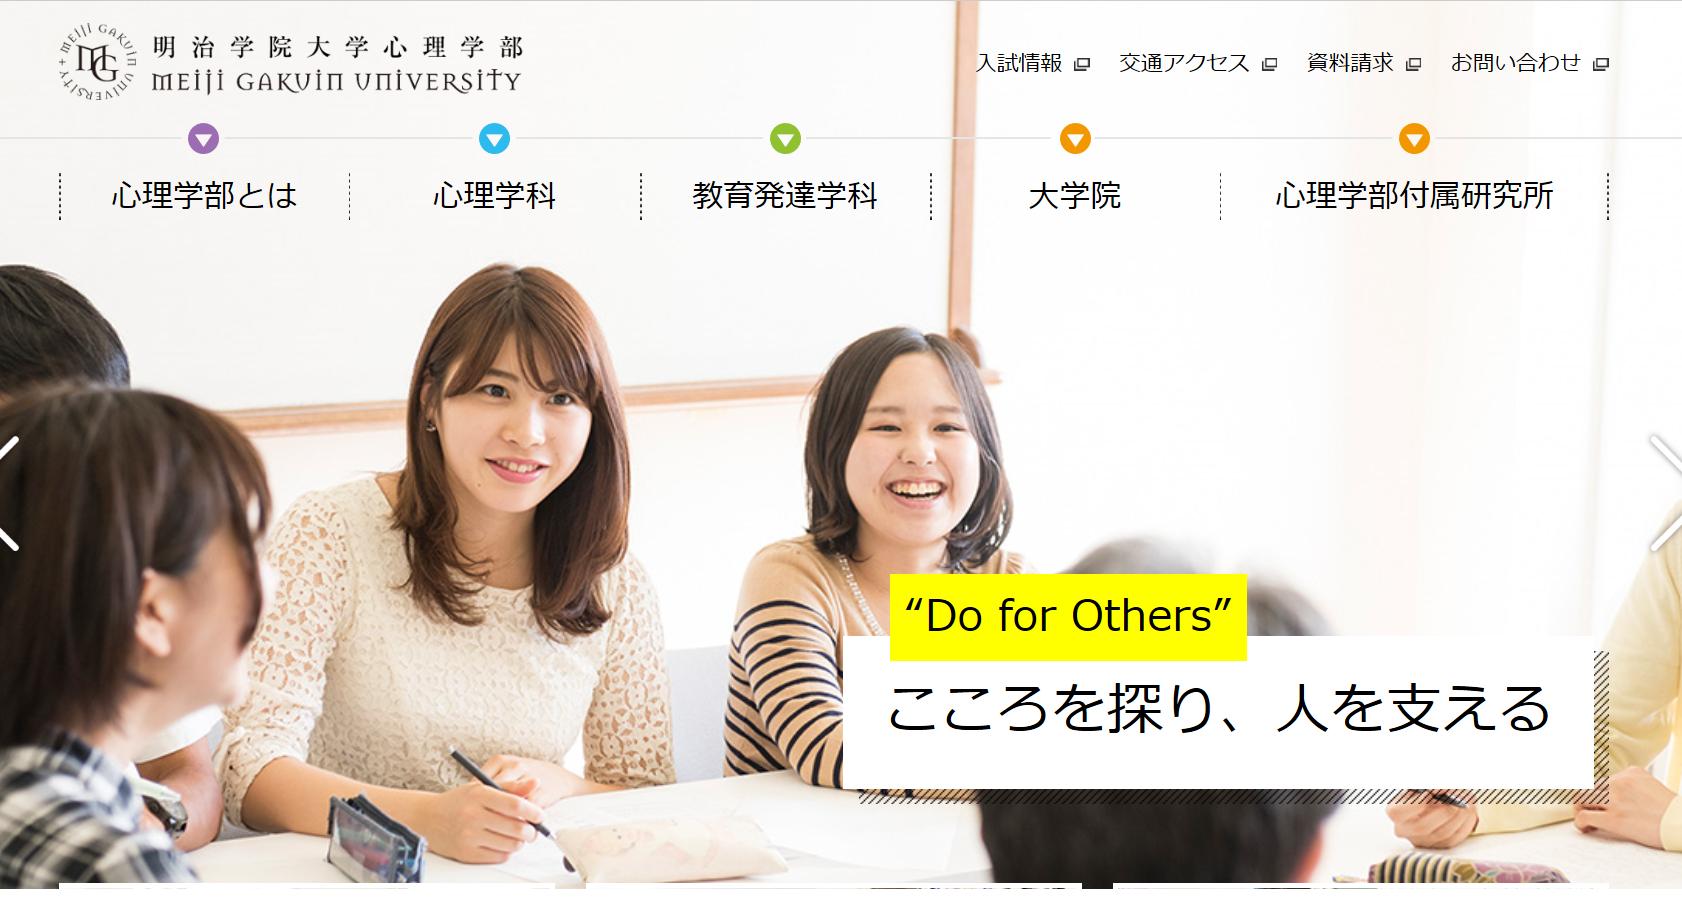 明治学院大学の評判・口コミ【心理学部編】